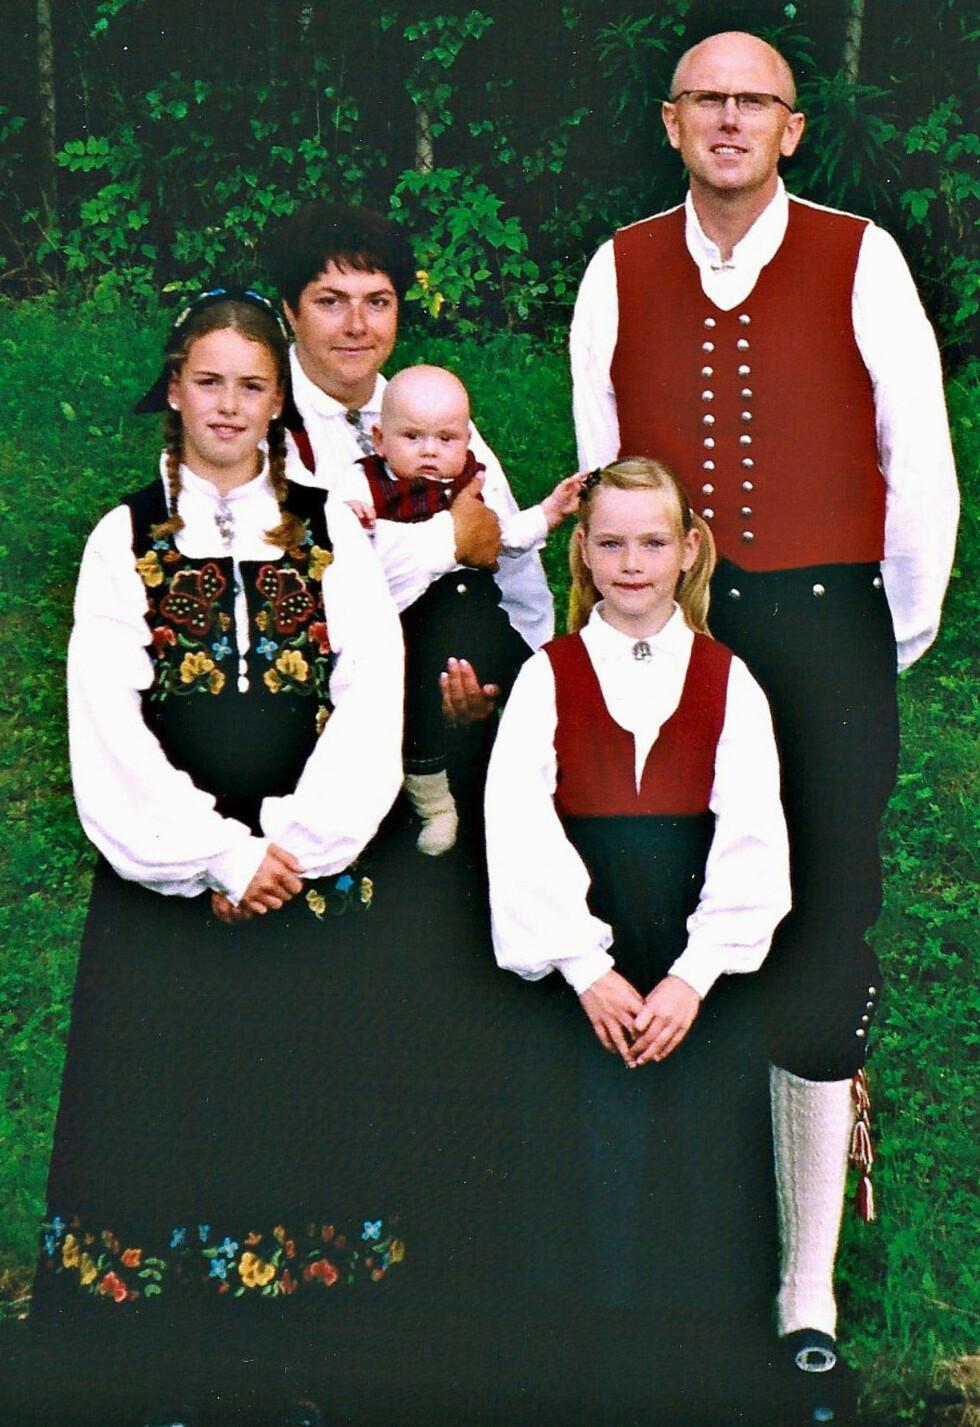 <strong>EN MÅNED FØR:</strong> Bildet er tatt på et slektsstevne i august 2004, cirka en måned før Kjell døde. Minstemann Theodor var et halvt år gammel, Line (t.v.) 11 og Frida 8 år. Foto: Privat